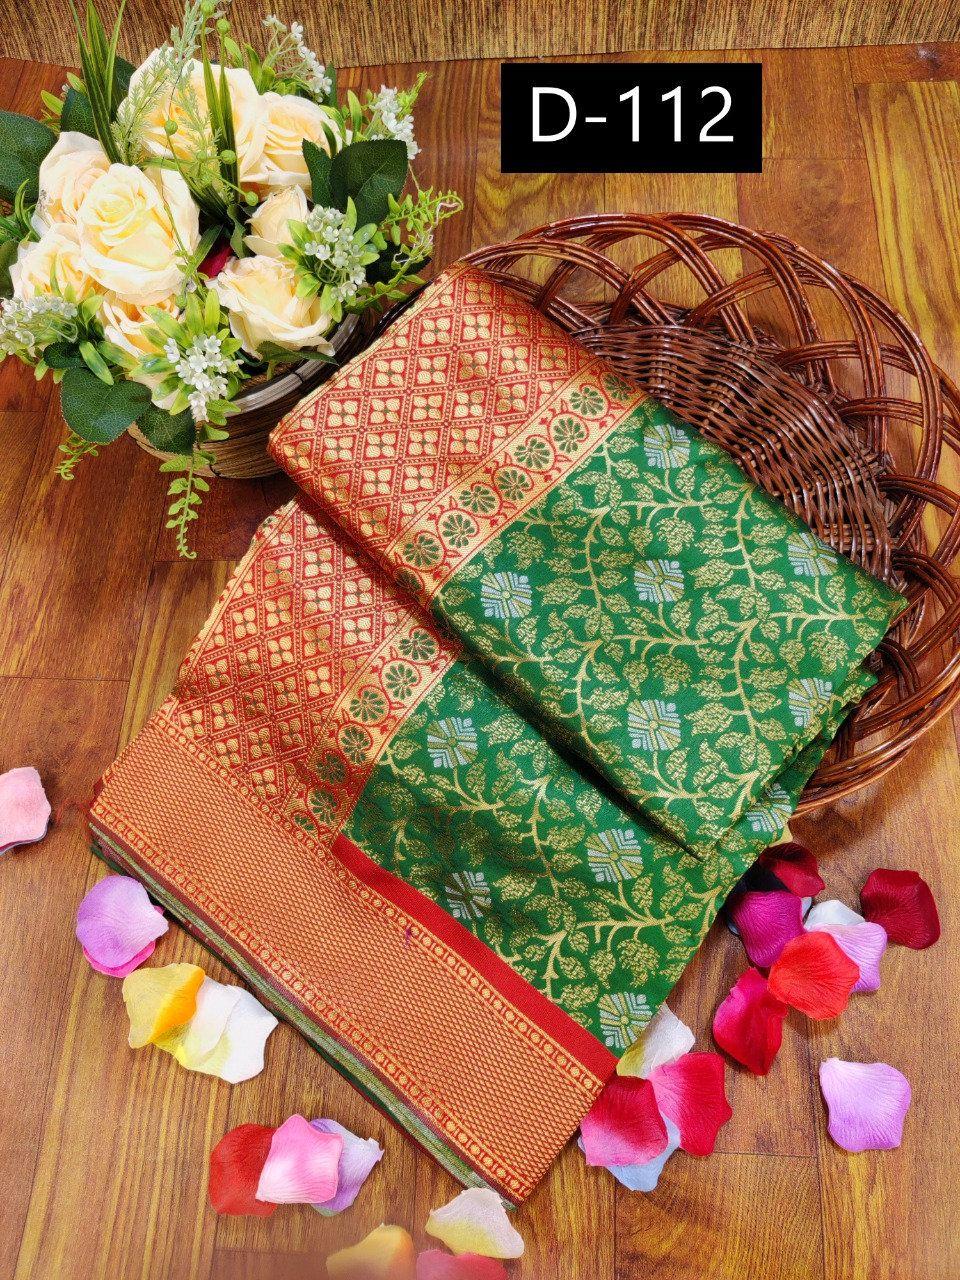 Kanchipuram Silk With Designer Grand Look Saree Stunning Look Party Wear Saree,exclusive Saree Beautiful Saree